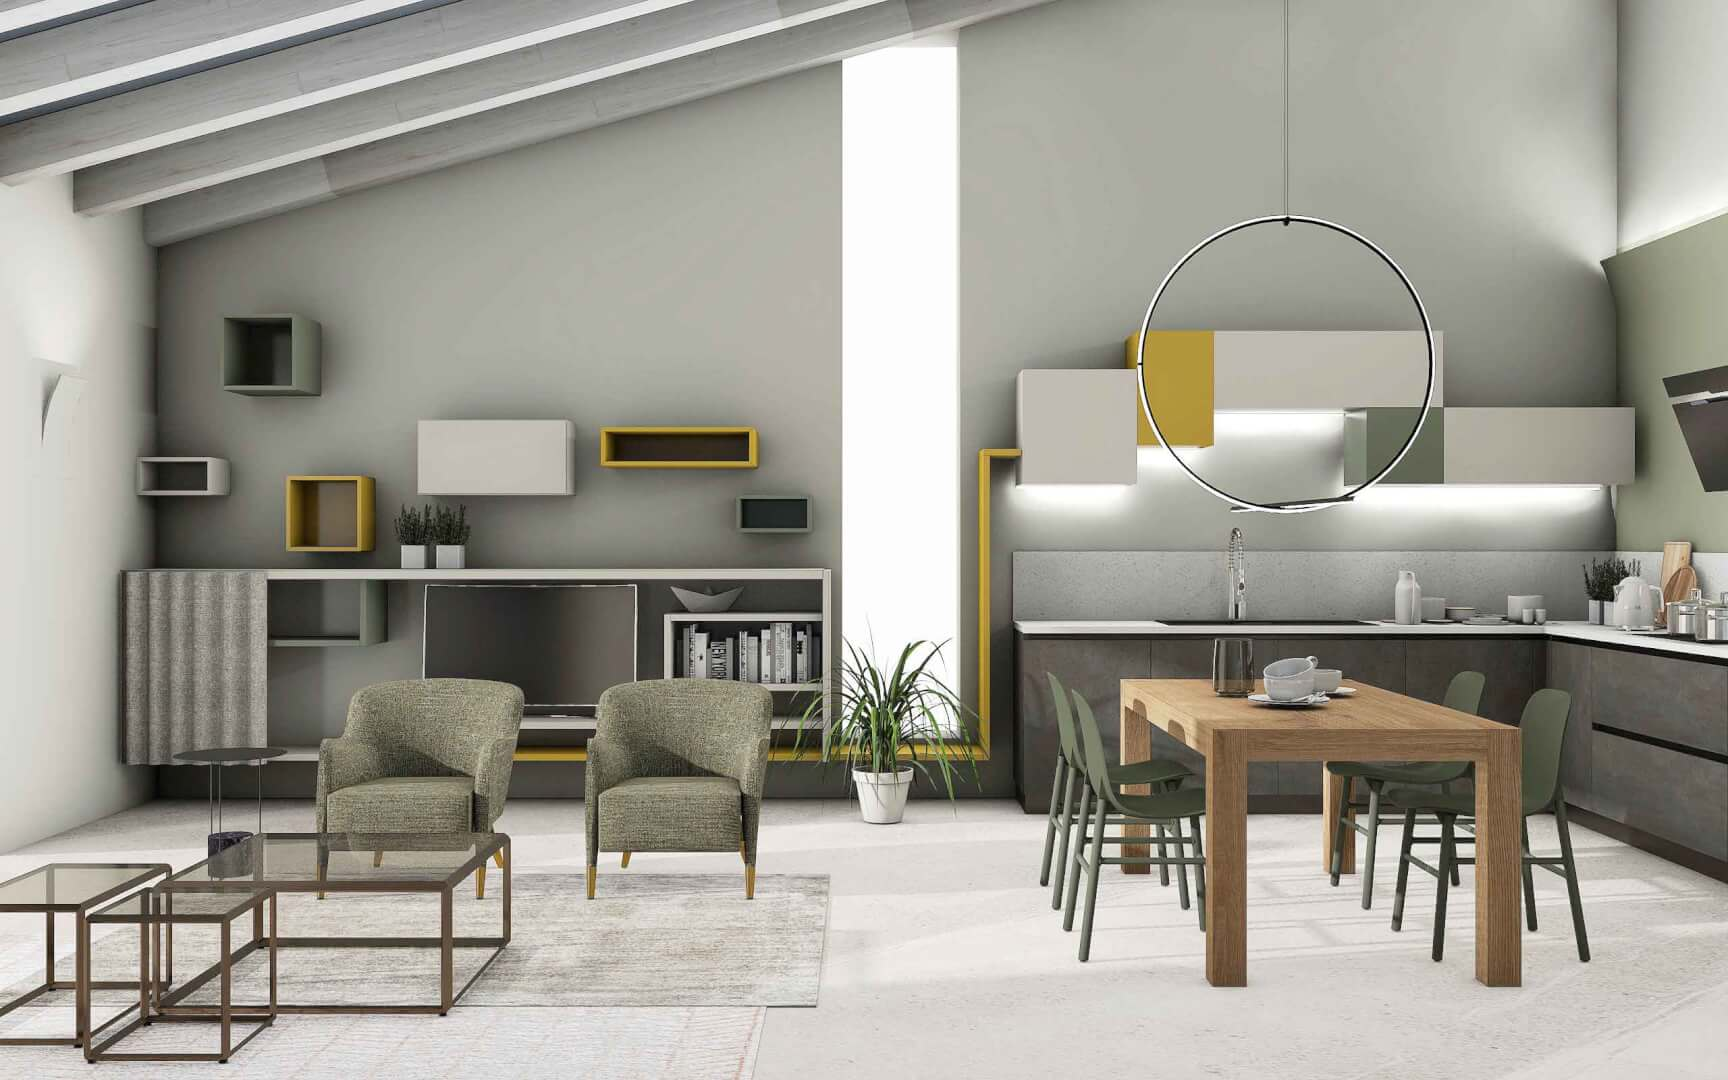 Devincenti Multiliving - negozio arredamento e design Verona